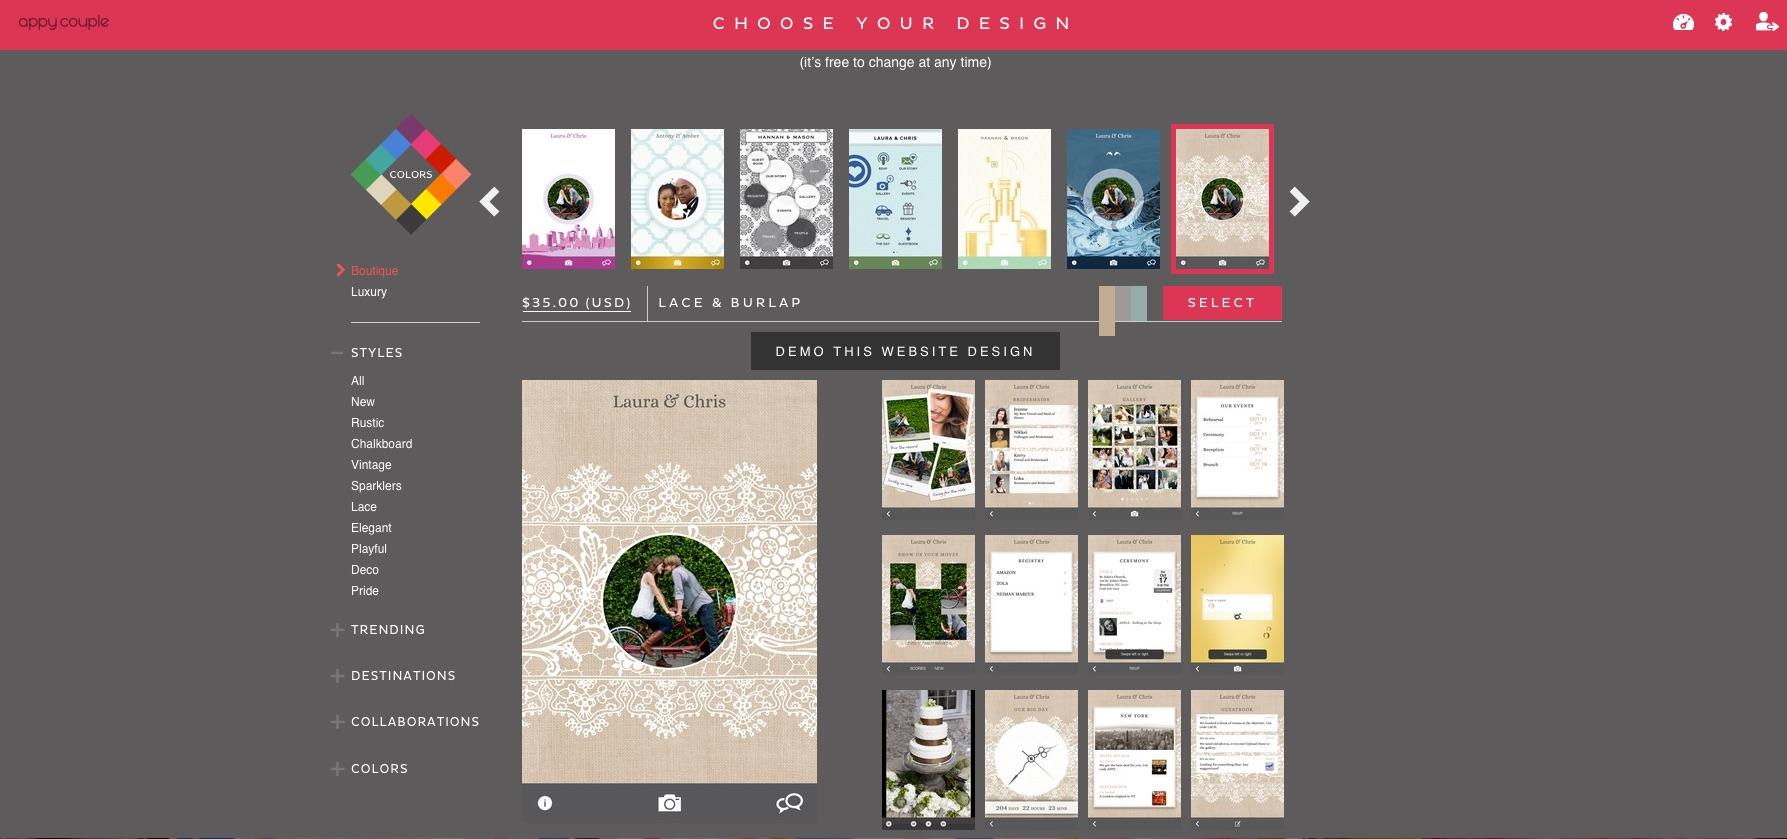 Crea il tuo inviti di nozze online immagini for Crea il tuo progetto online